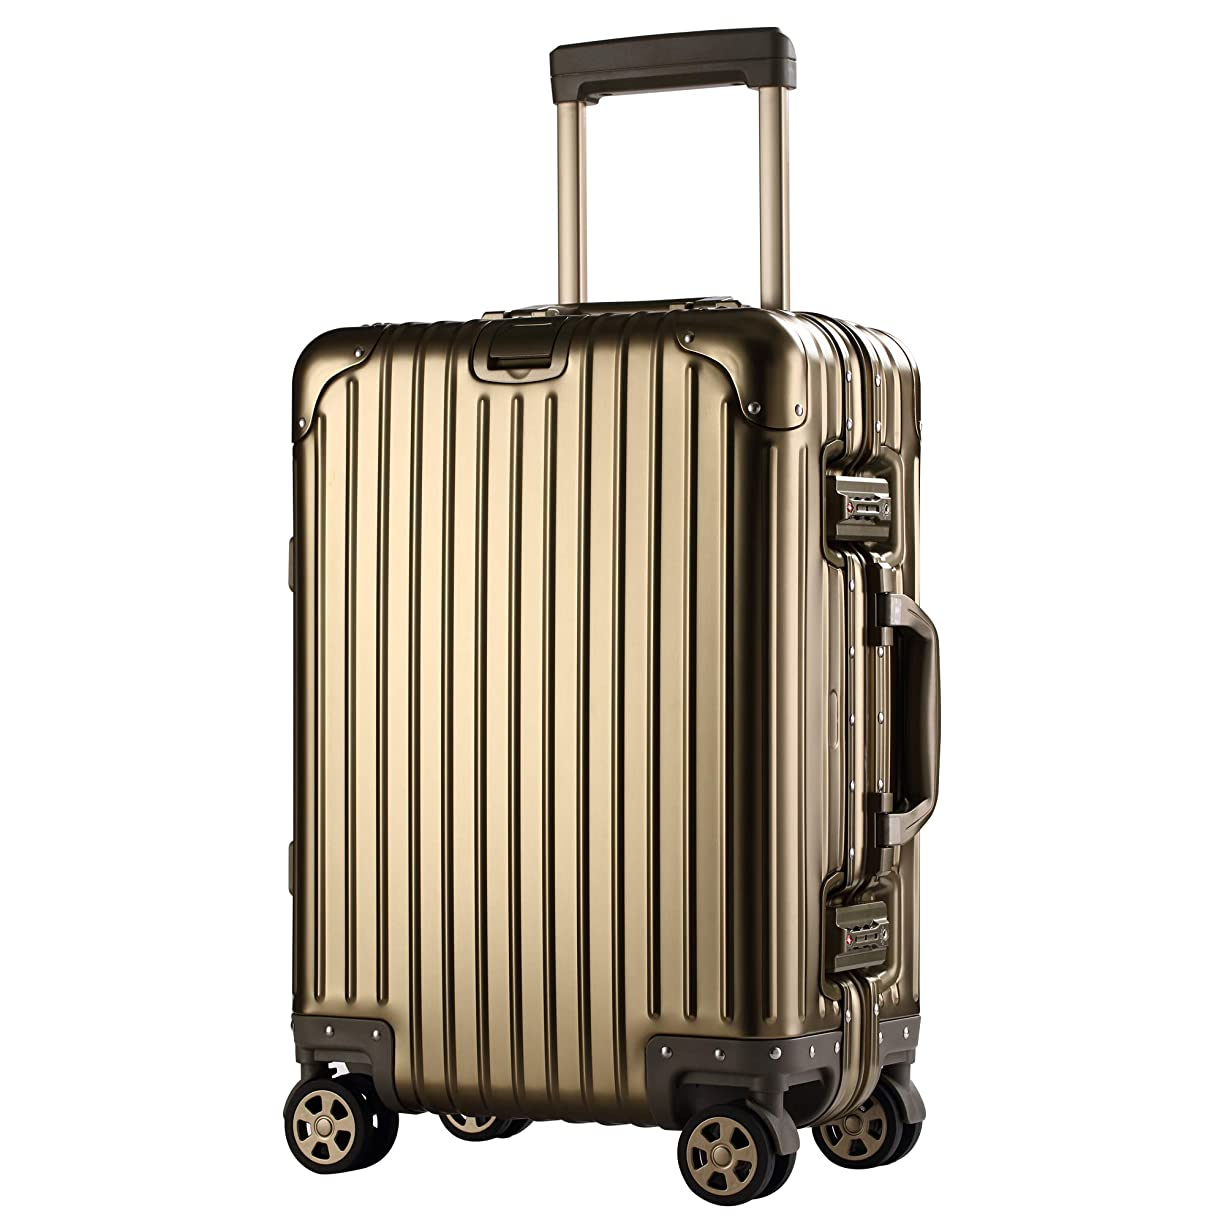 スイサイトライン家主【XDJ Life】 スーツケース アルミマグネシウム合金 キャリーバッグ ダブルキャスター?静音 キャリーケース TSAロック搭載 フレームタイプ ドイツ製カバー付き 軽量 機内持込